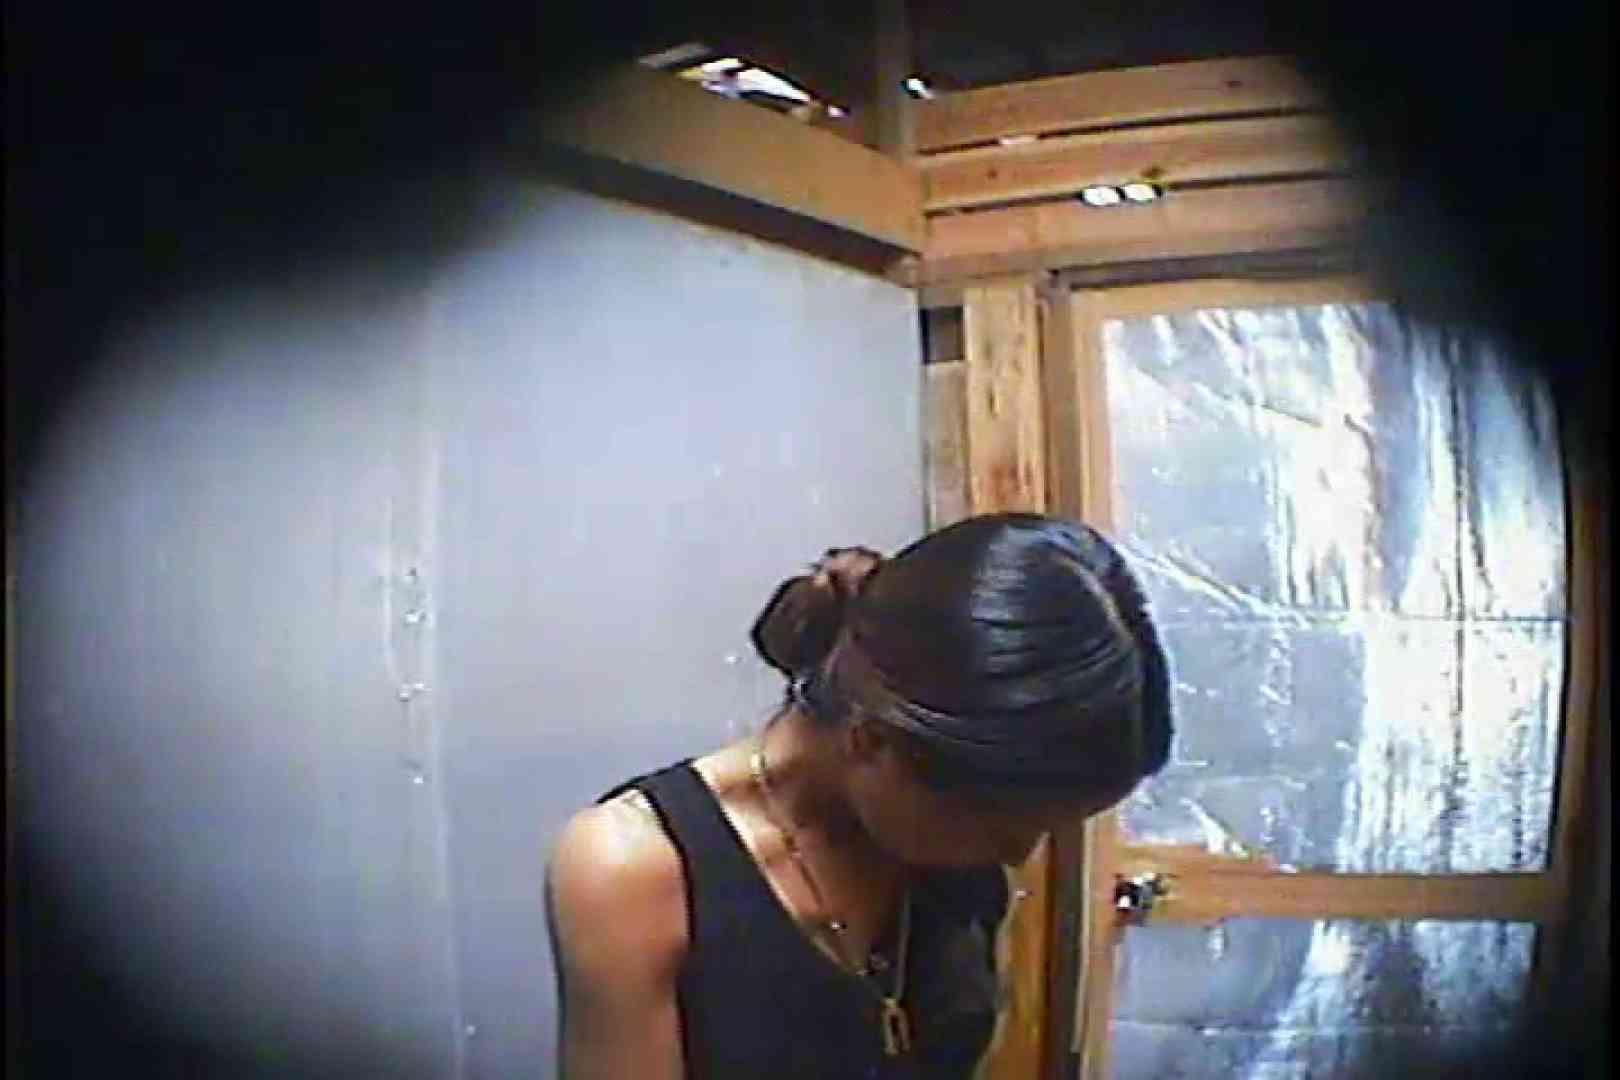 海の家の更衣室 Vol.45 日焼けした肌 アダルト動画キャプチャ 79画像 17